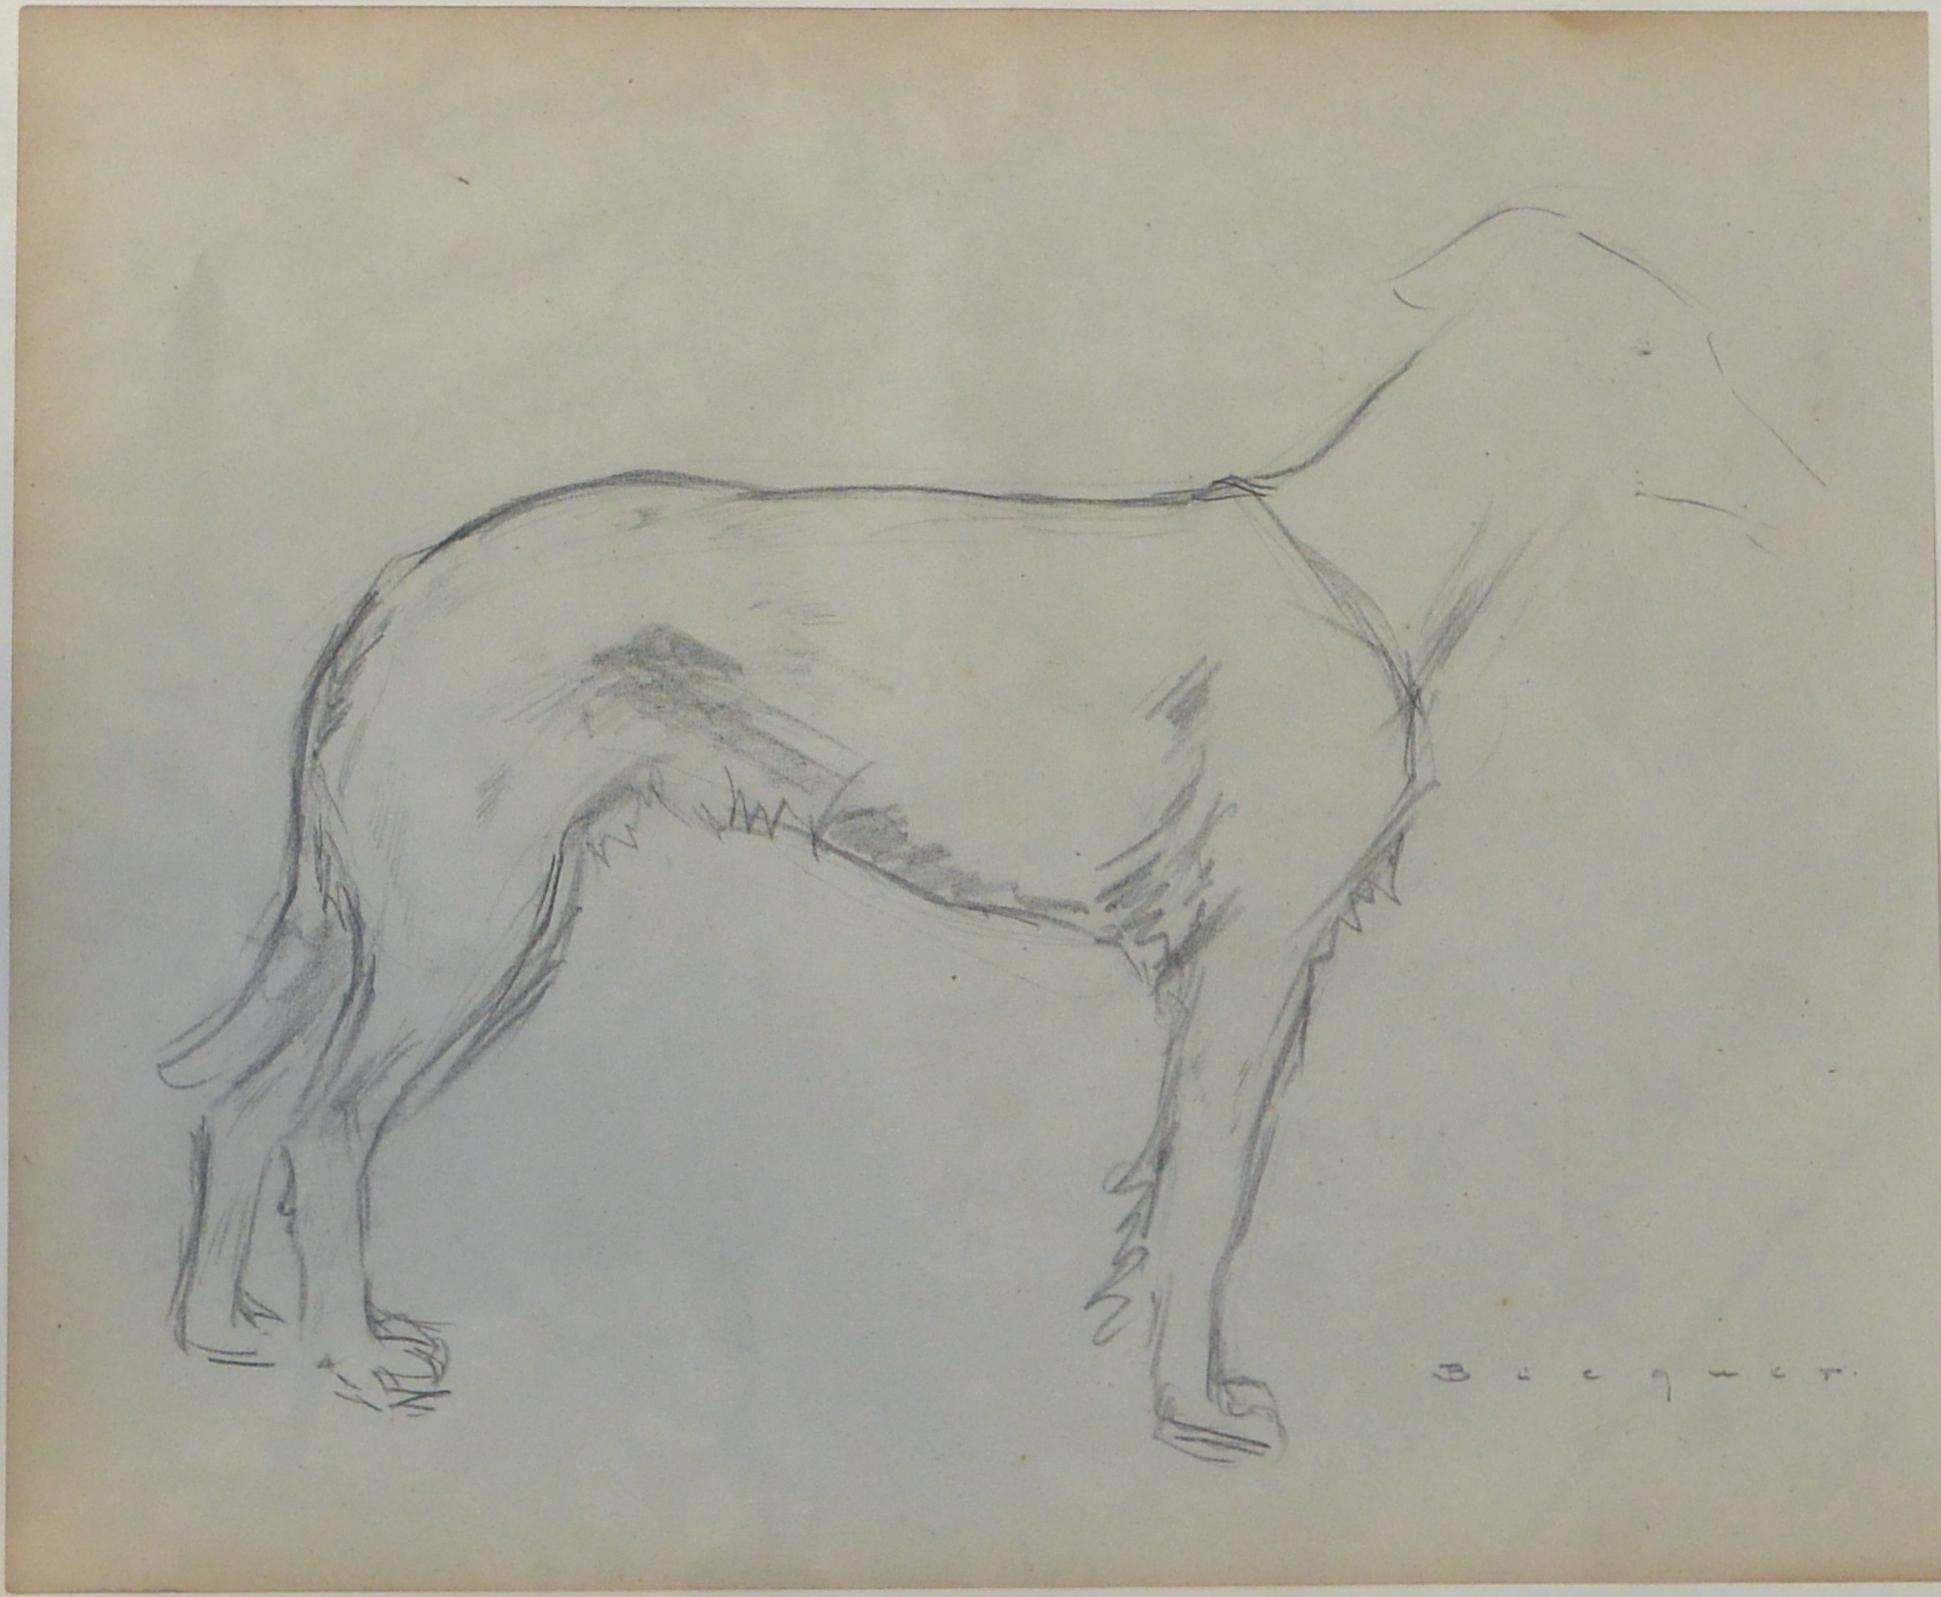 Carlos Becquer Boceto De Perro Lápiz Papel Enmarcado El Marco